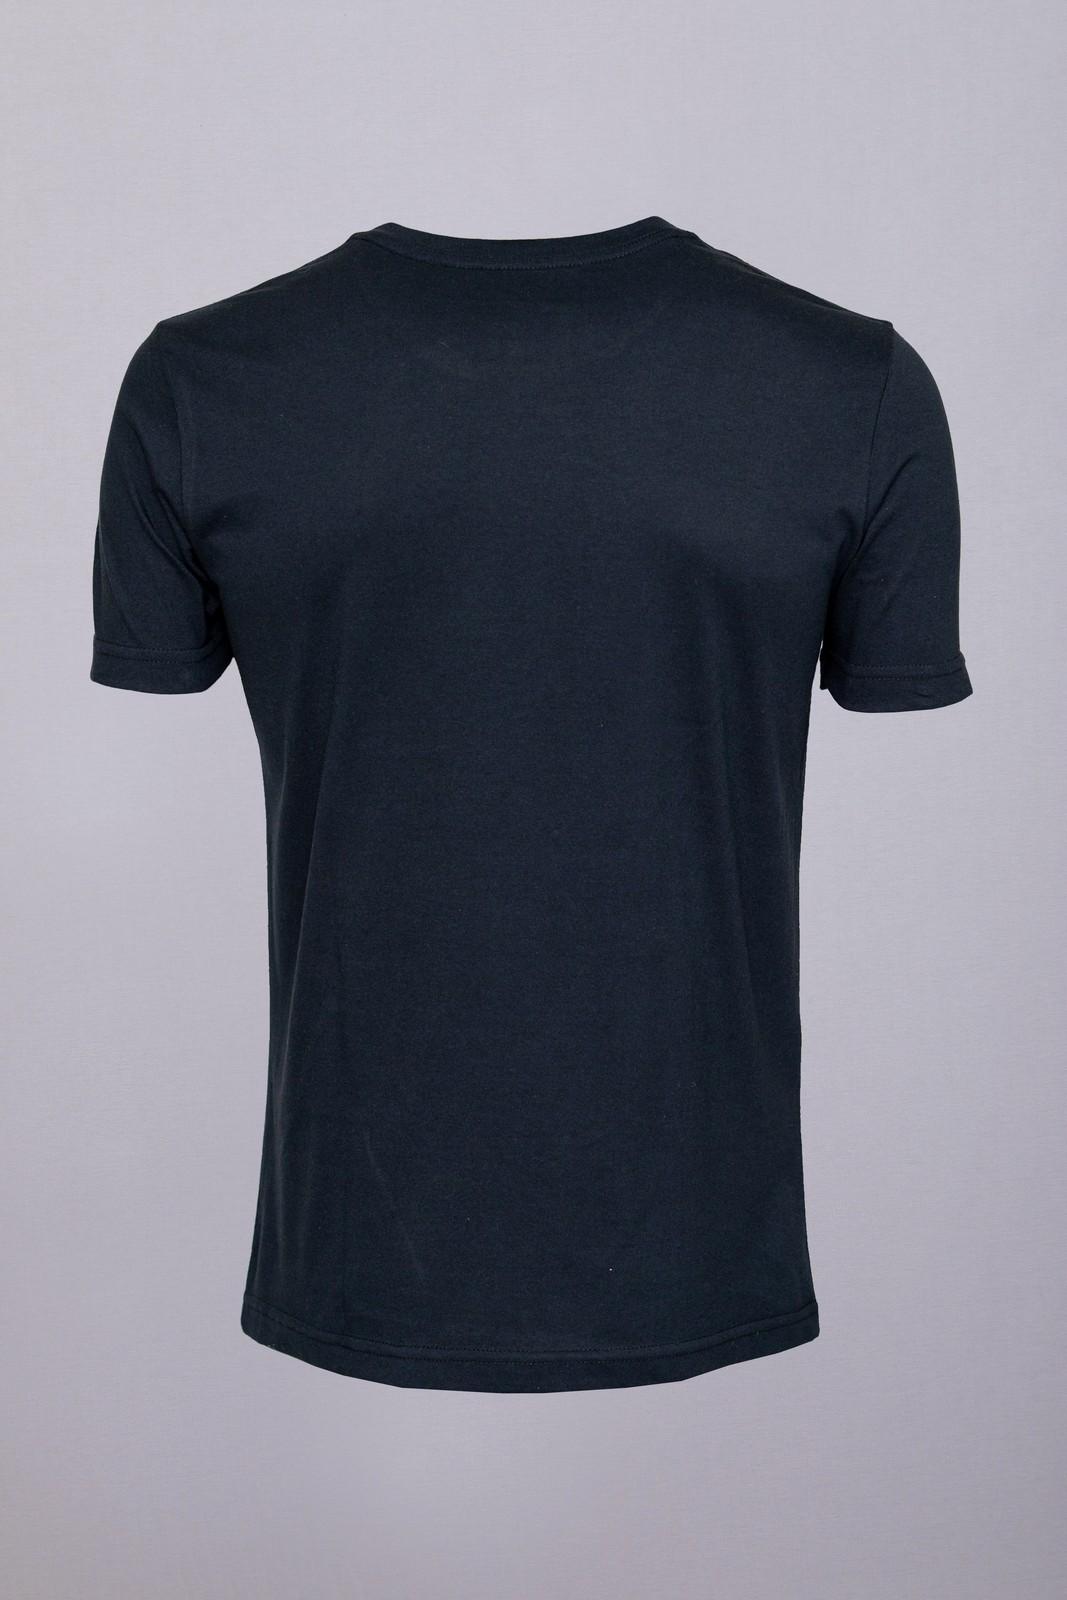 Camiseta CoolWave Dell Vale-Deu Mole Preta